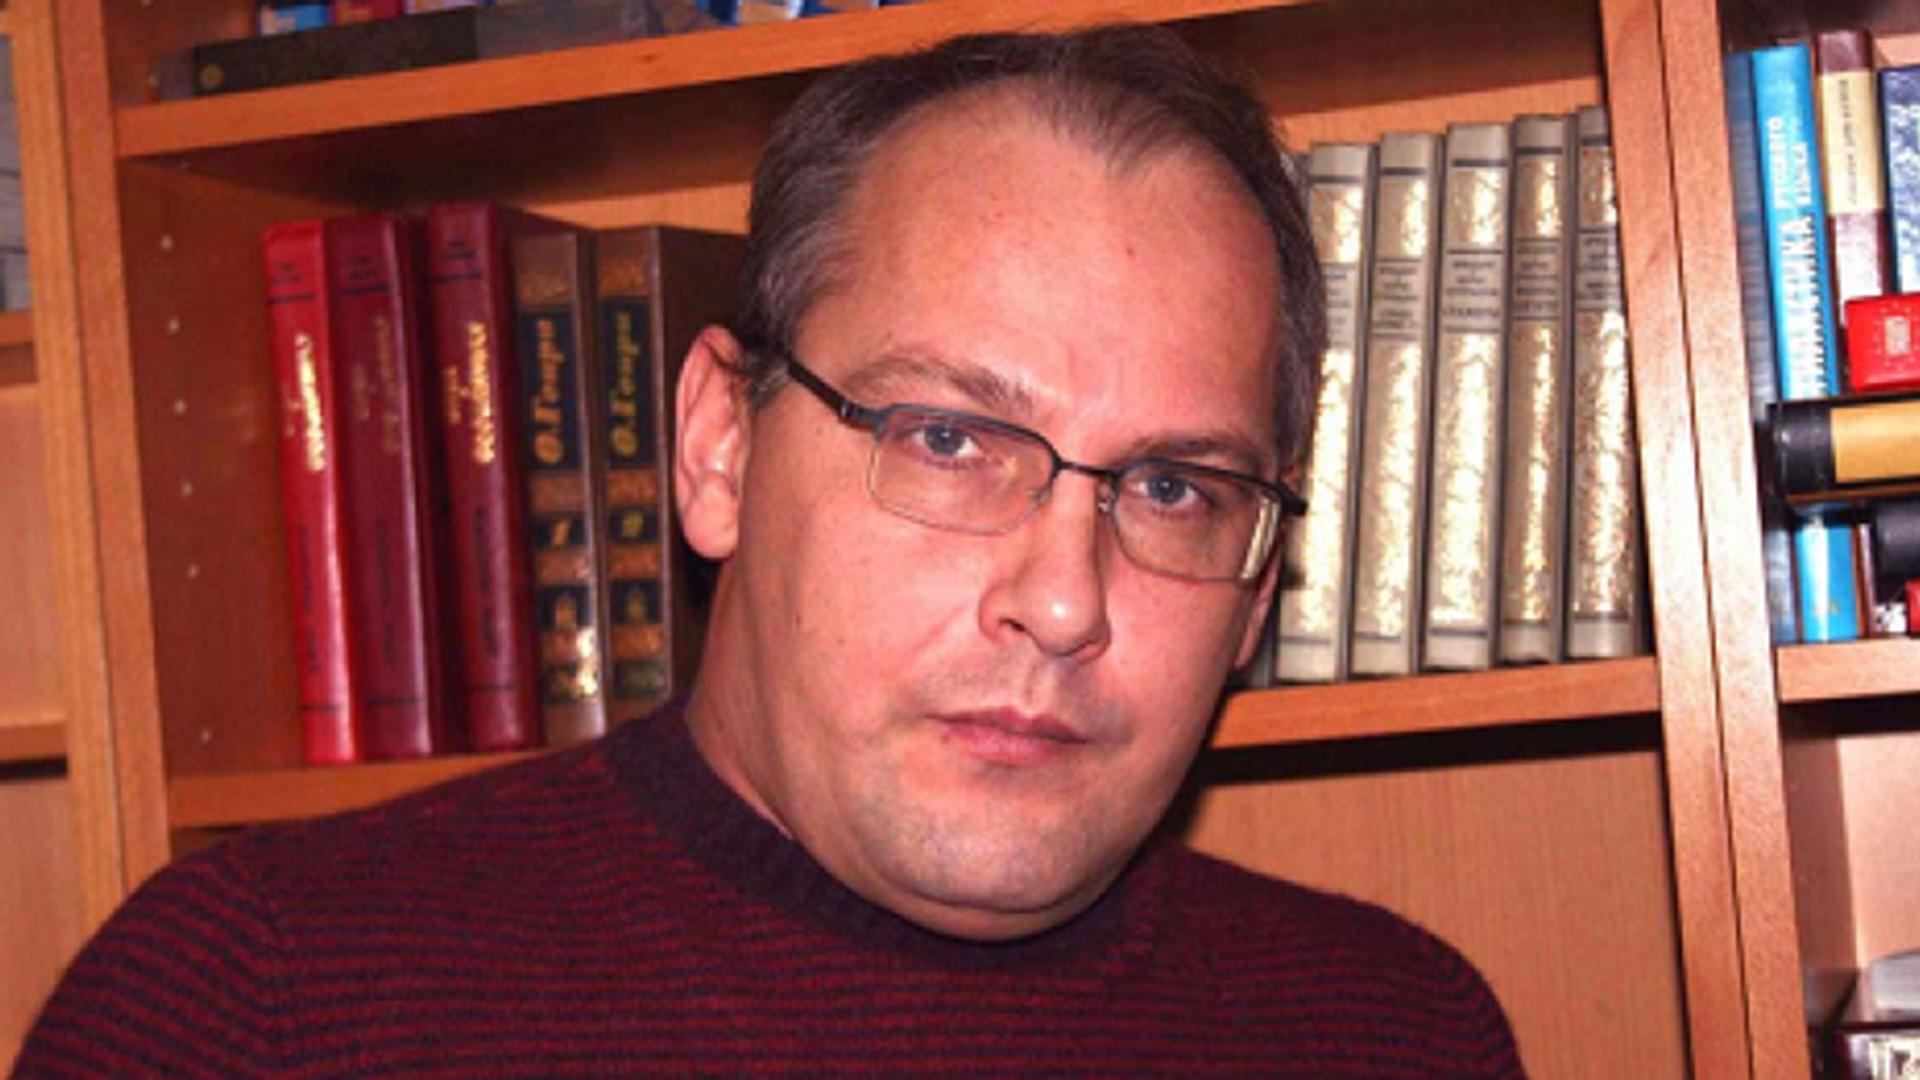 На писателя Стародубцева завели новое дело об изнасиловании девочки